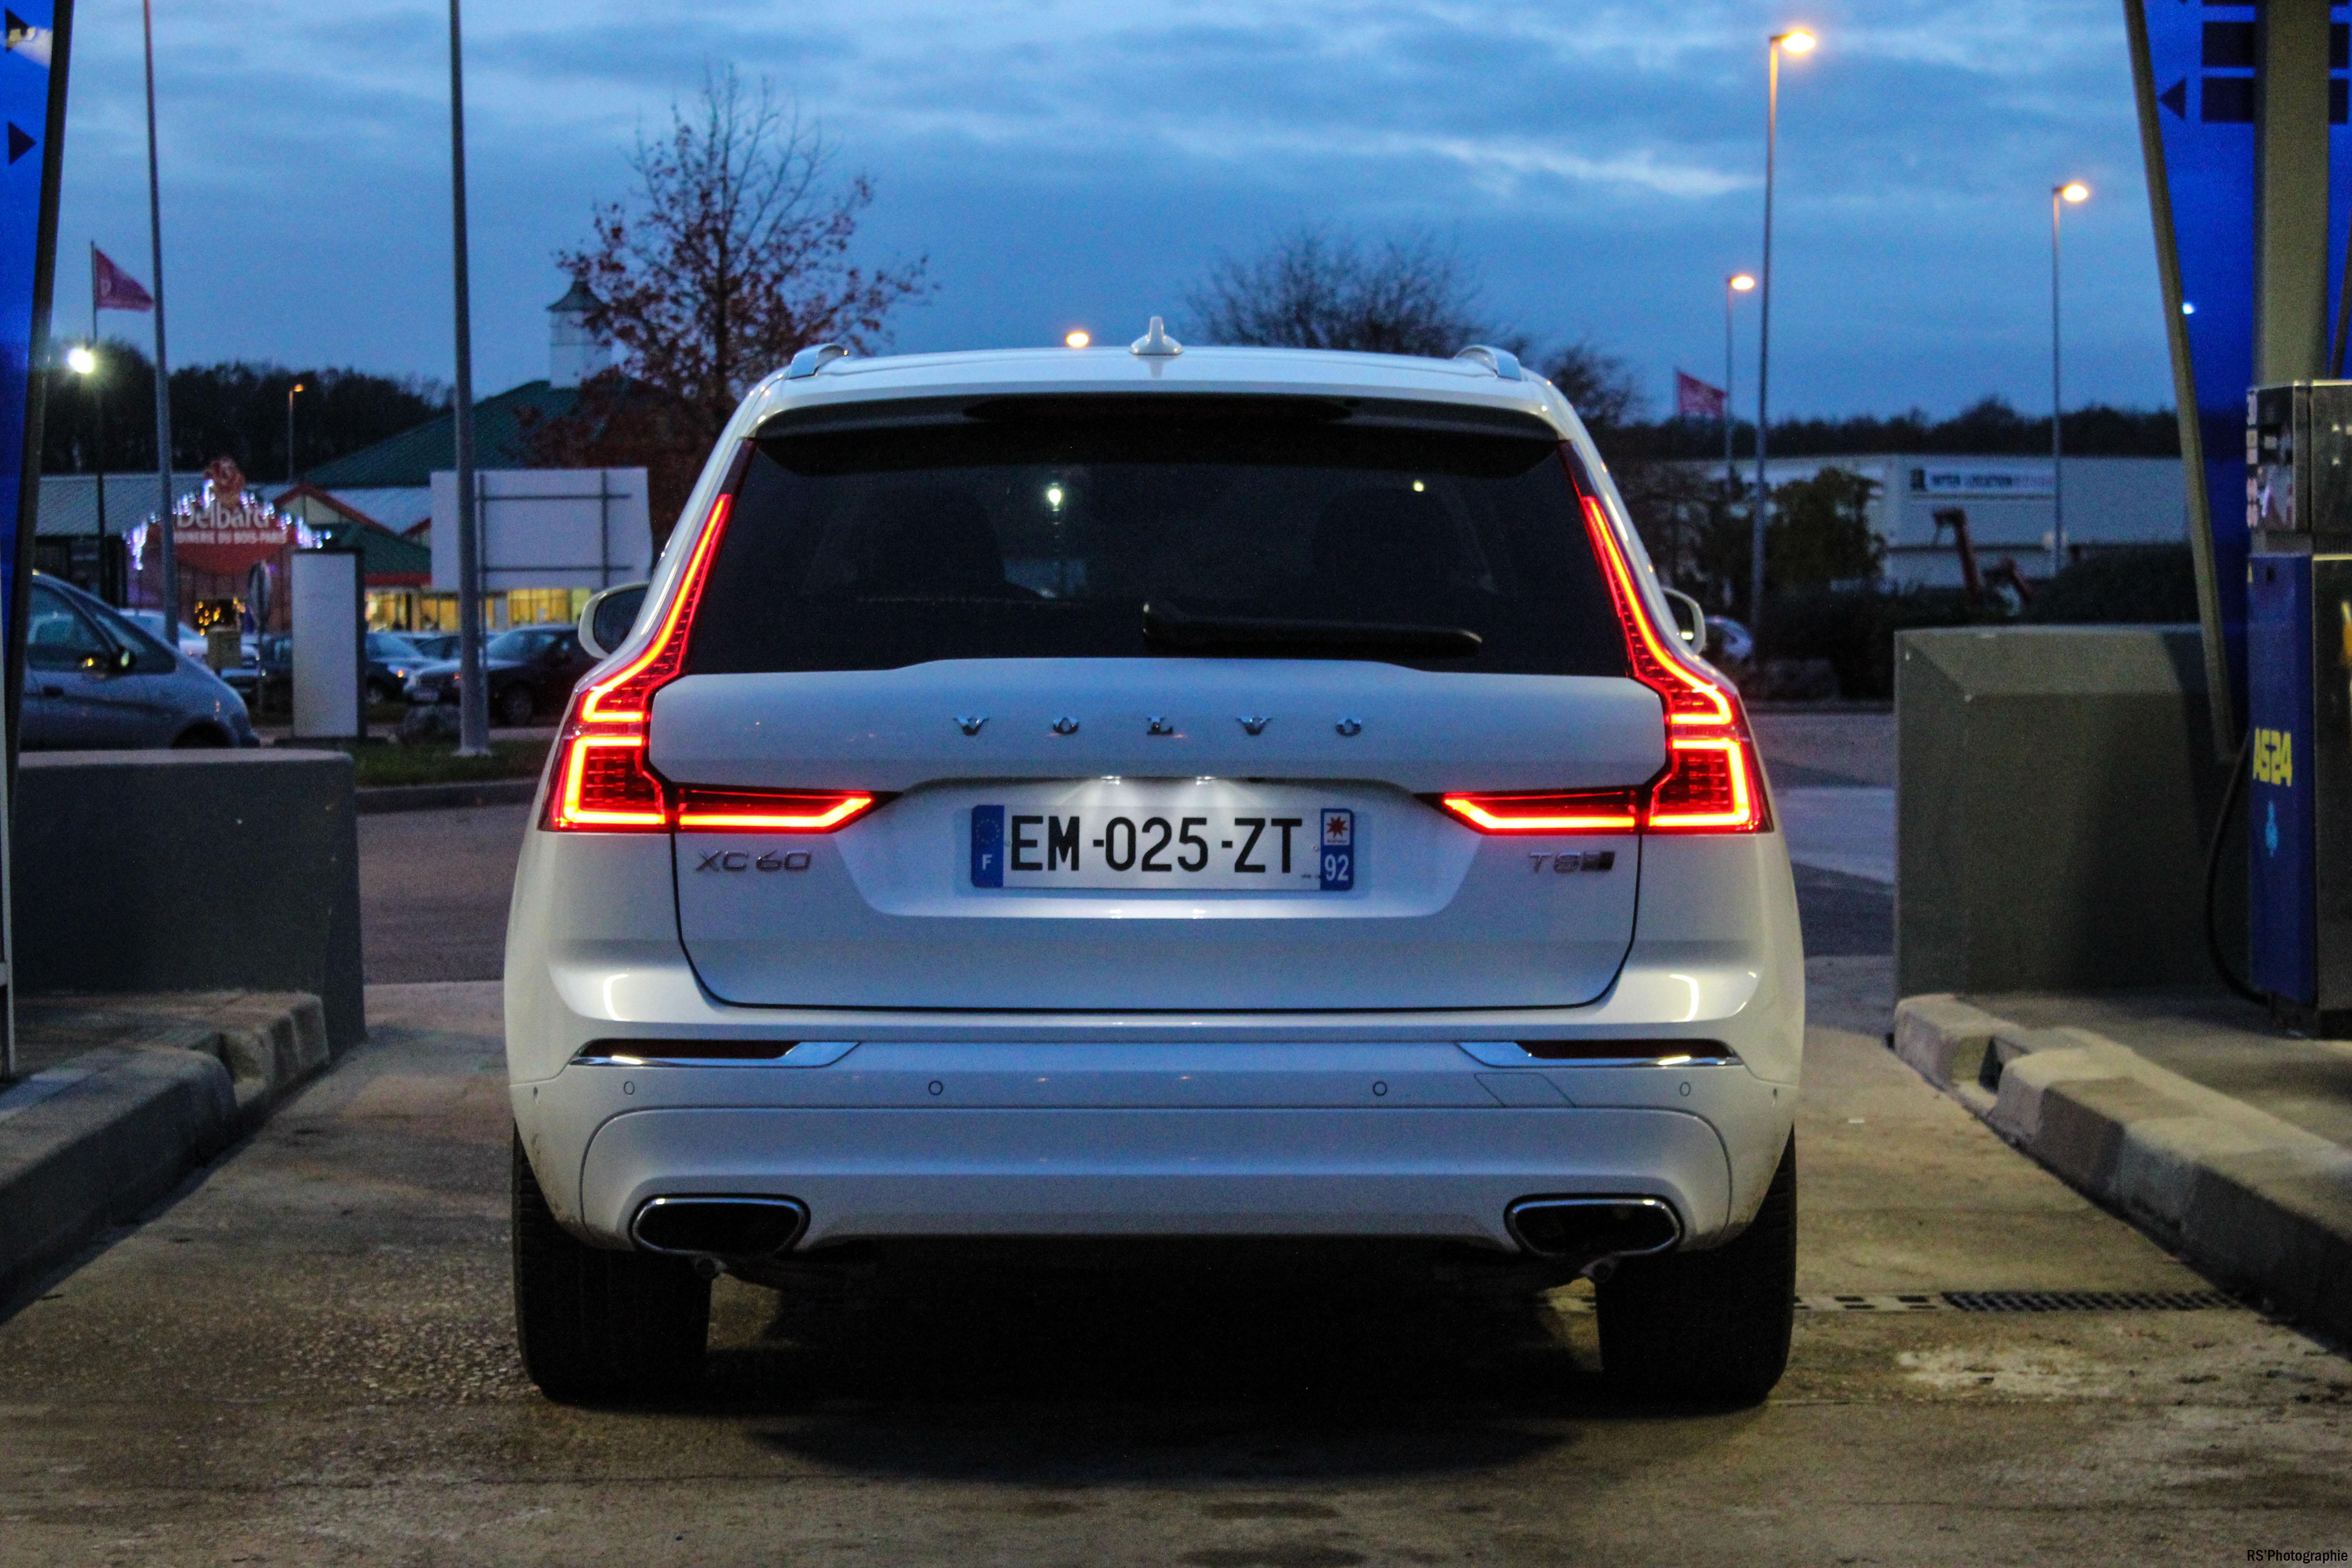 volvoXC6012-volvo-XC60-T8-Hybrid-arriere-rear-Arnaud Demasier-RSPhotographie